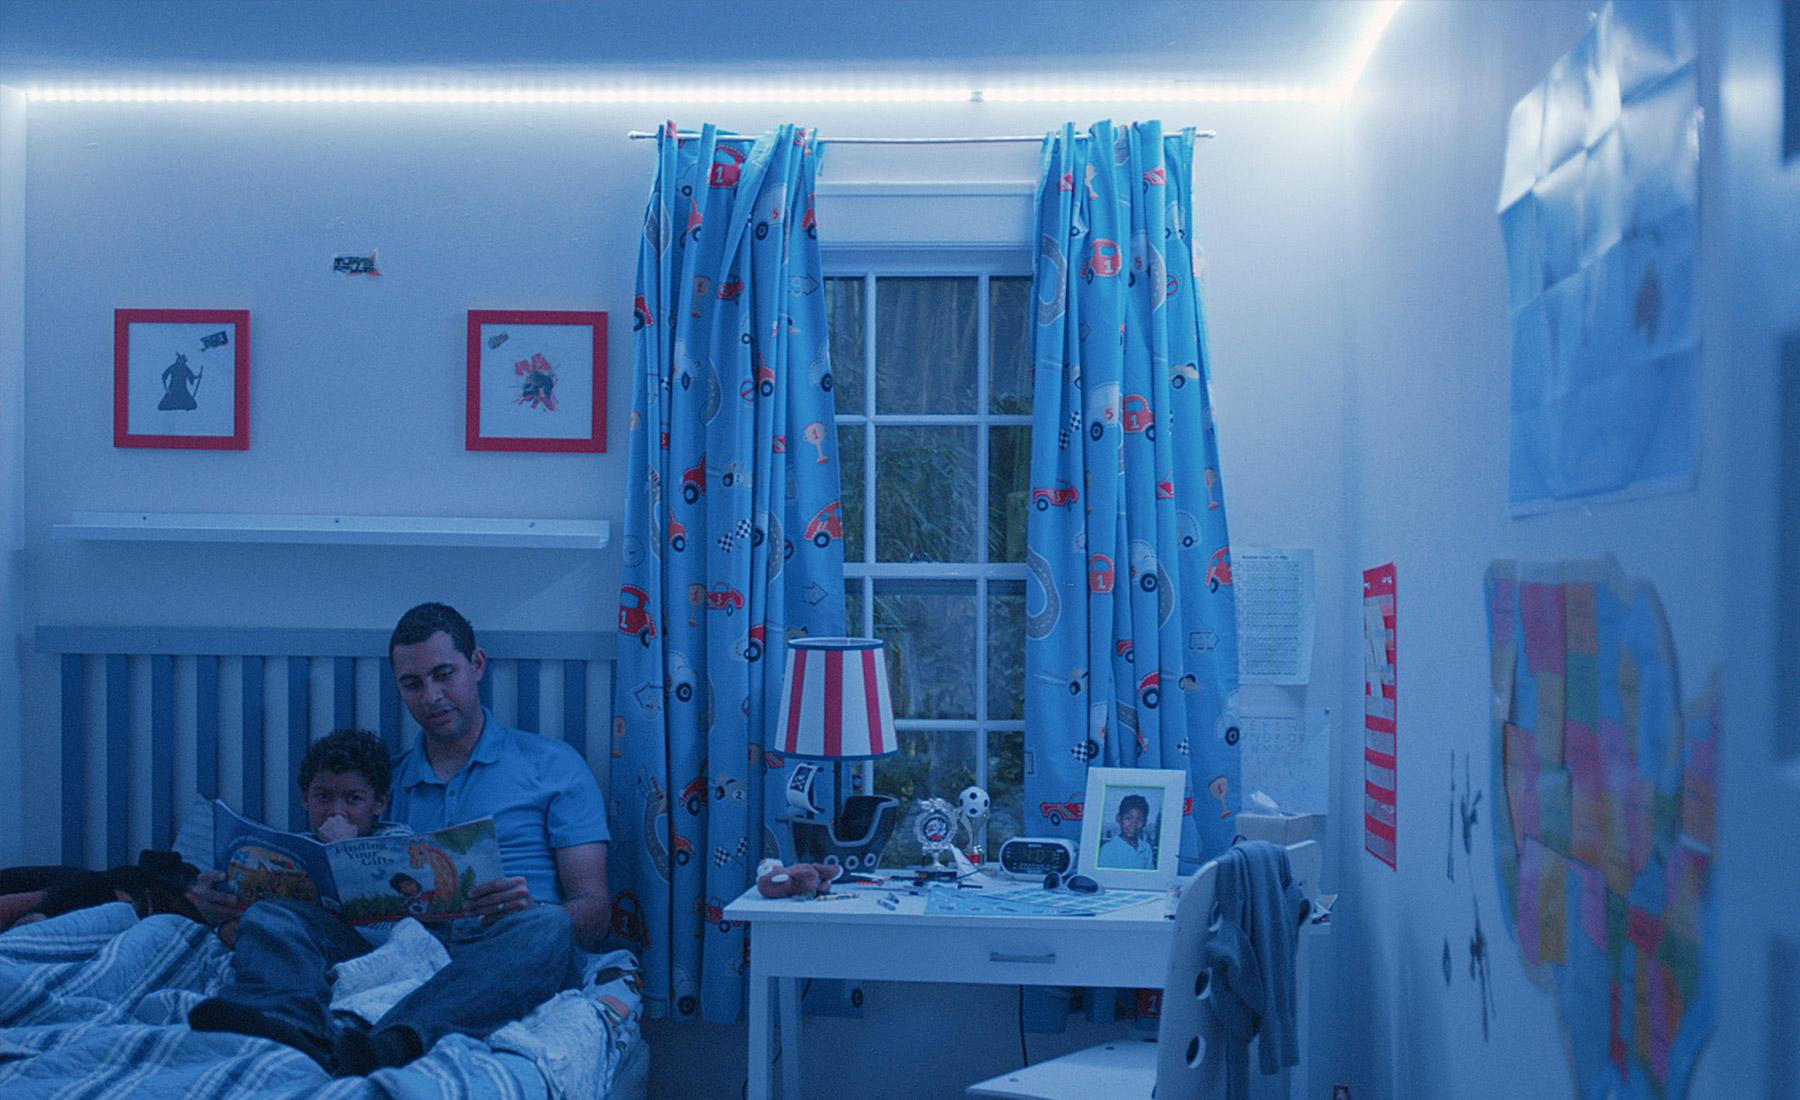 hero_03 Schöne Philips Friends Of Hue Lightstrips Dekorationen